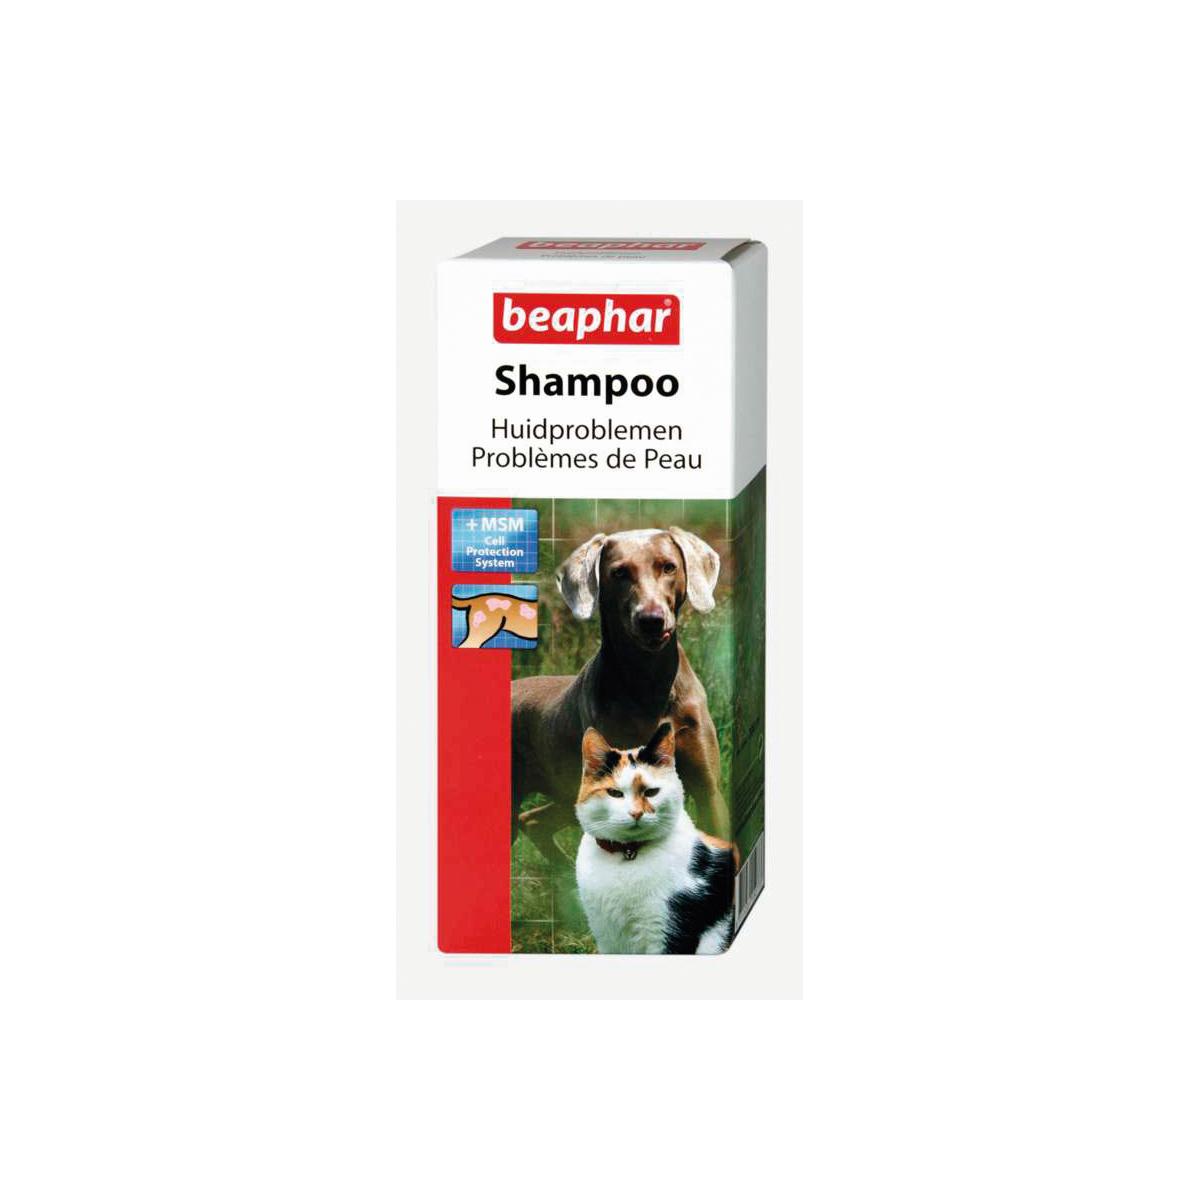 Shampoo huidproblemen meerkleurig 200 ml